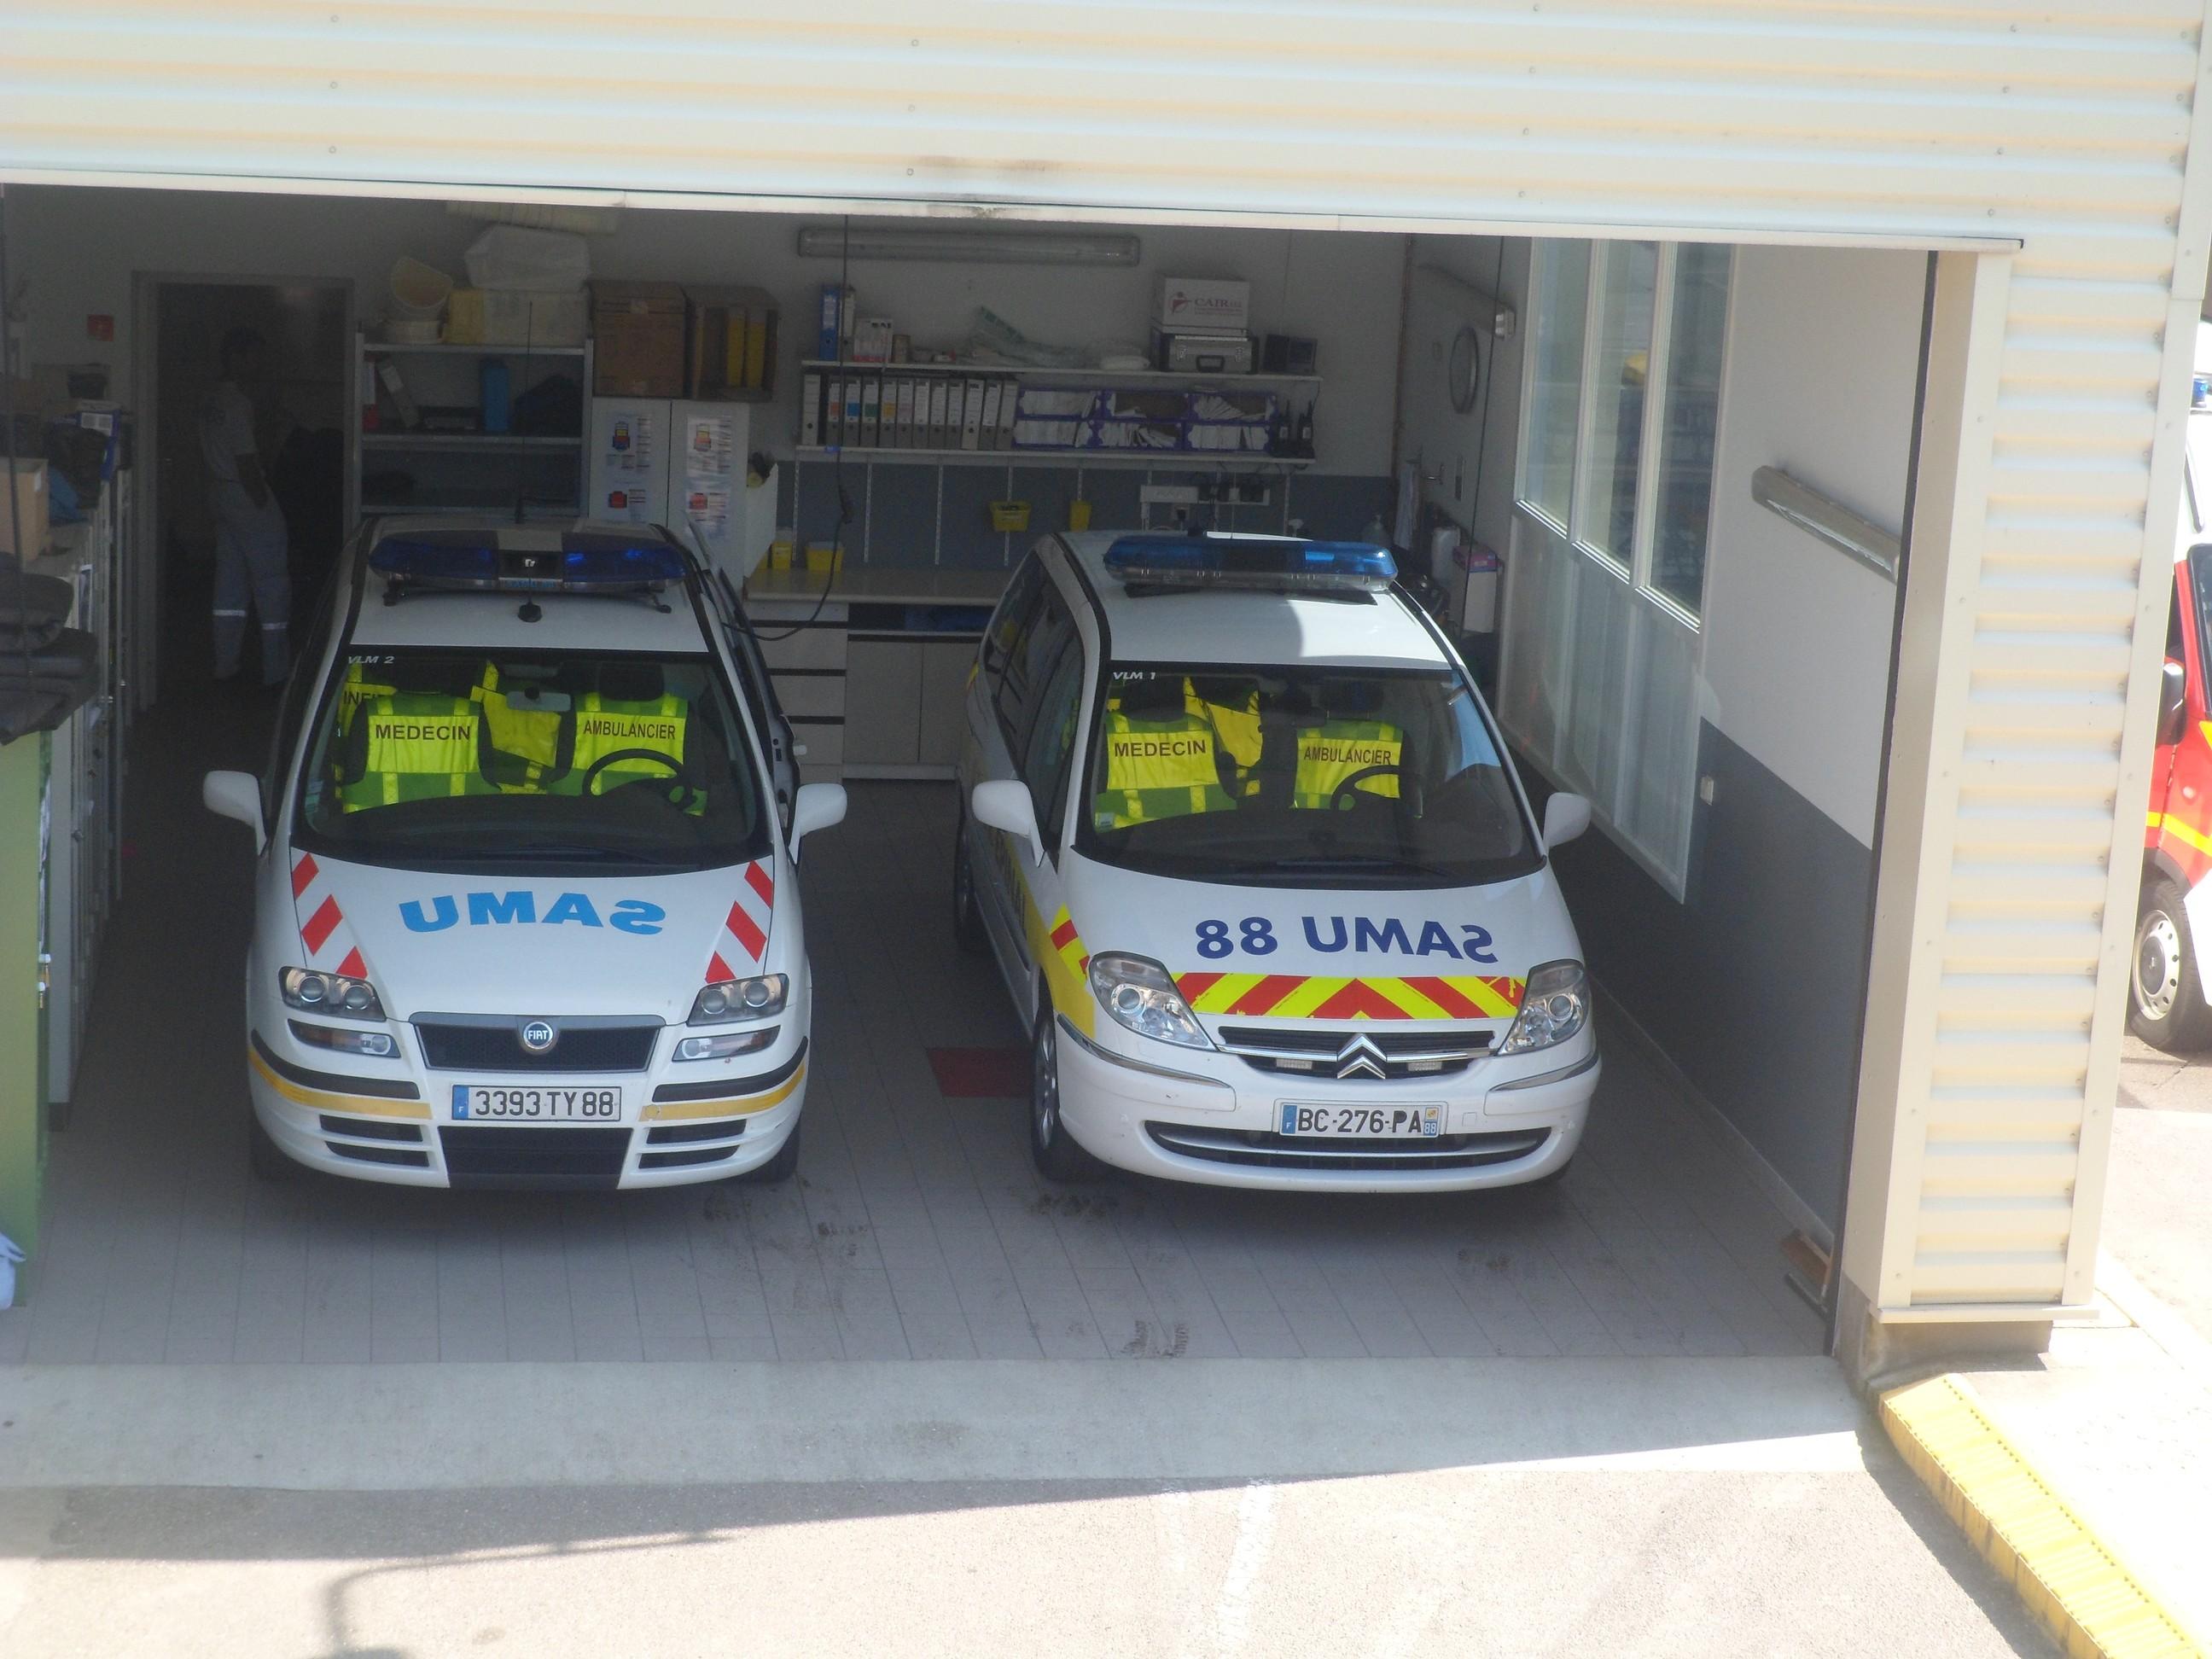 ambulancee ostend